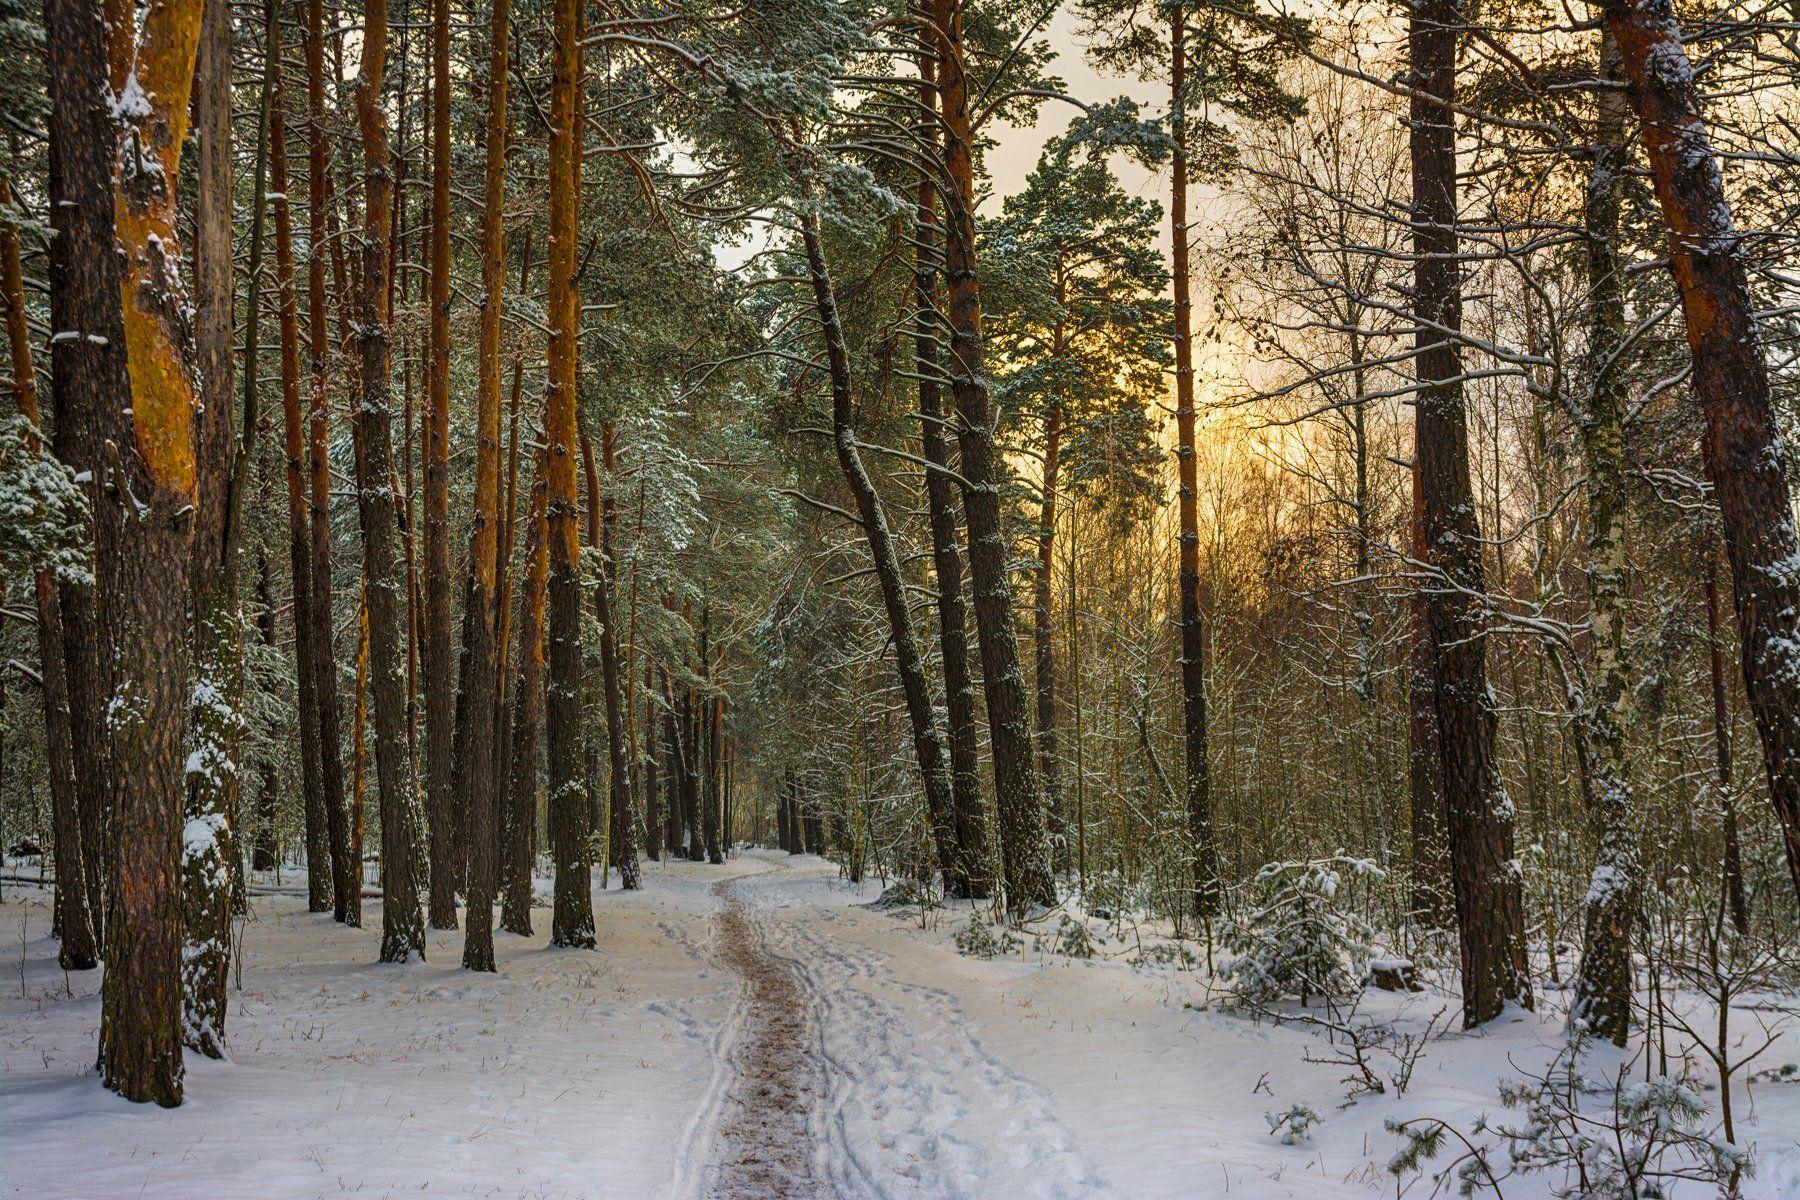 landscape, пейзаж,  лес,  деревья,  природа,   сосны, тропинка, прогулка, снег, зима, мороз, вечер, закат, Михаил MSH